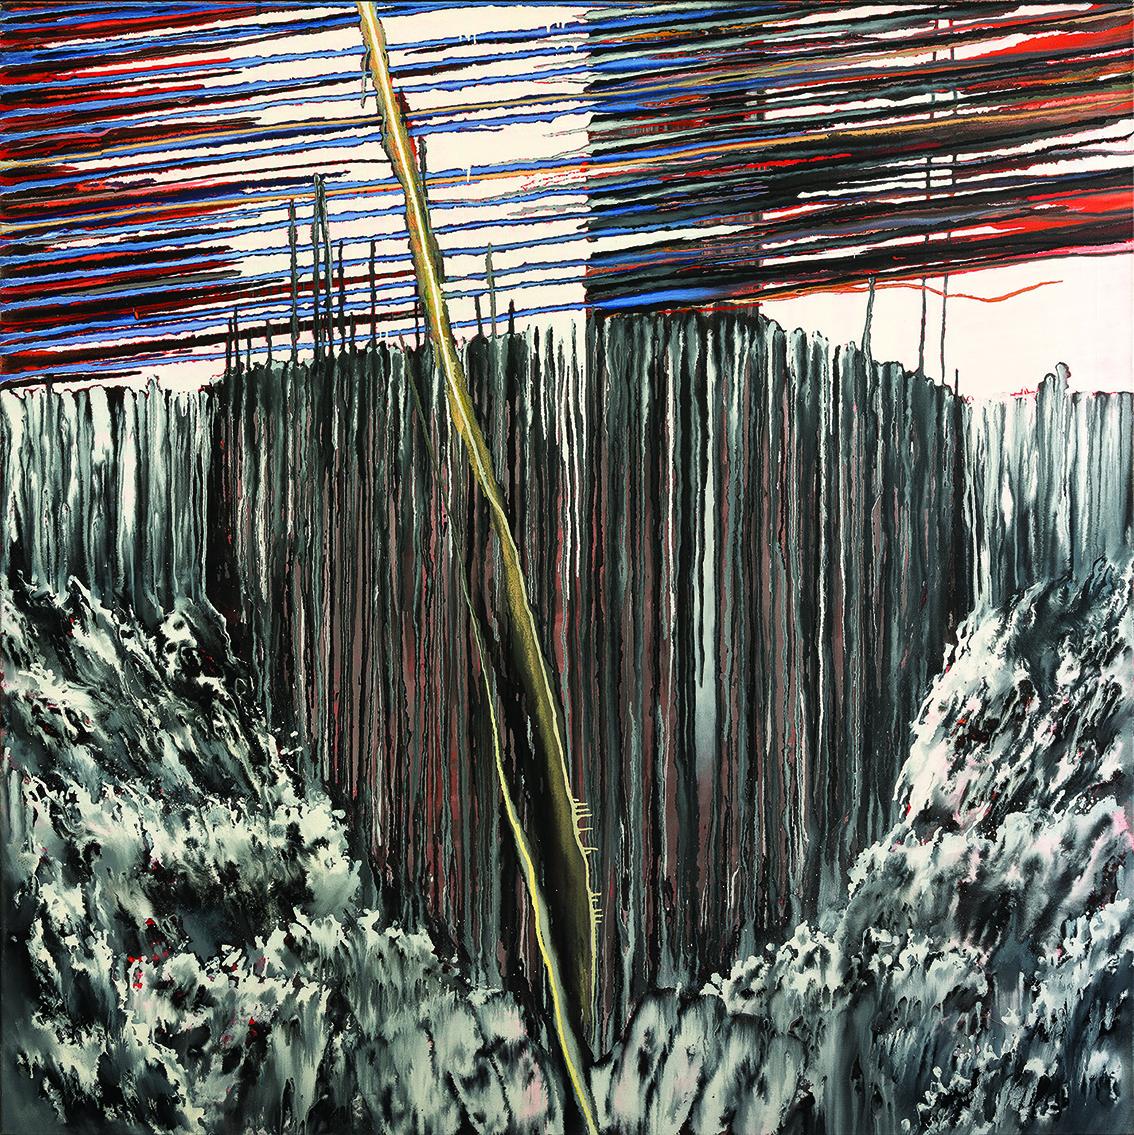 """<p><span style=""""font-size: 10pt;"""">Philippe Graitson, <em>François Ier</em>, acrylique sur toile, s.d., 160 x 160 cm ©Caroline Dethier</span></p>"""